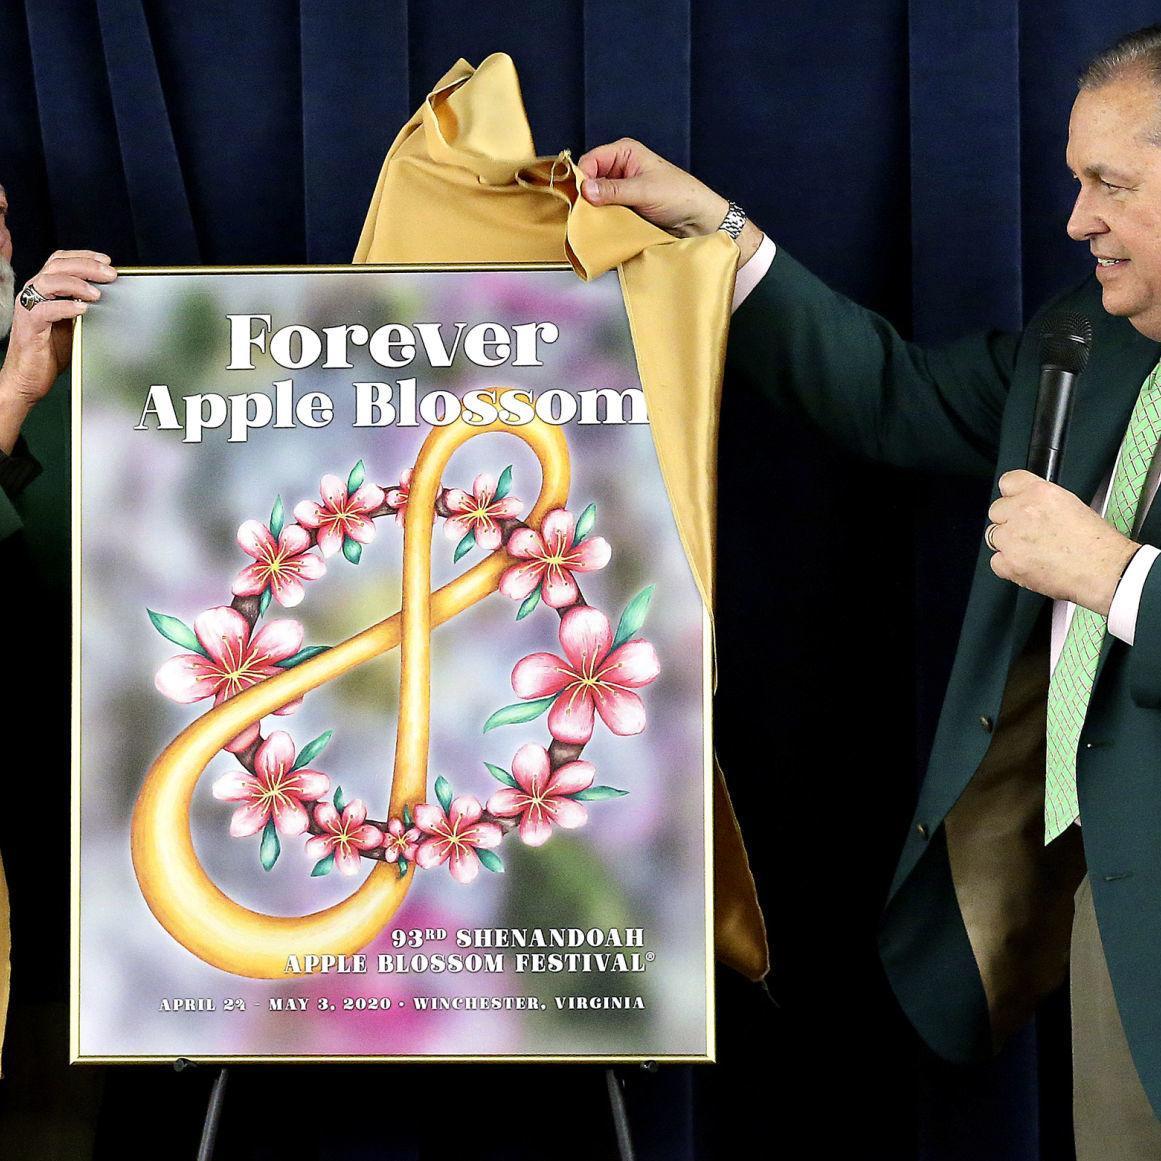 Forever Apple Blossom: 93rd festival's theme announced